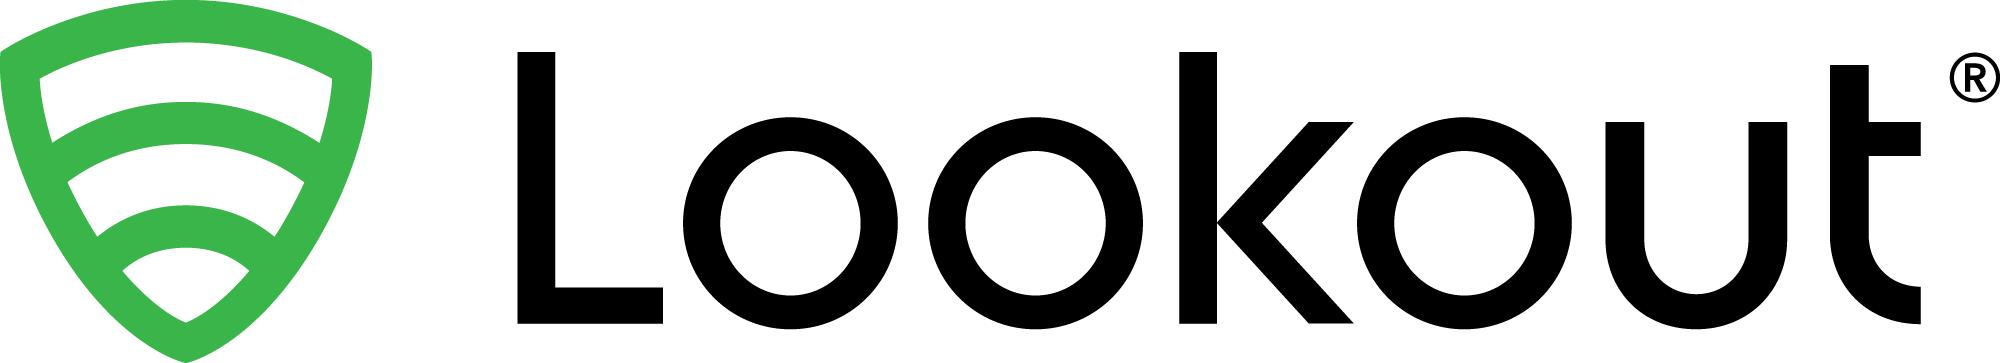 AXSEED、Lookoutのモバイルセキュリティサービスの取り扱いを開始 | 朝日新聞デジタル&M(アンド・エム)